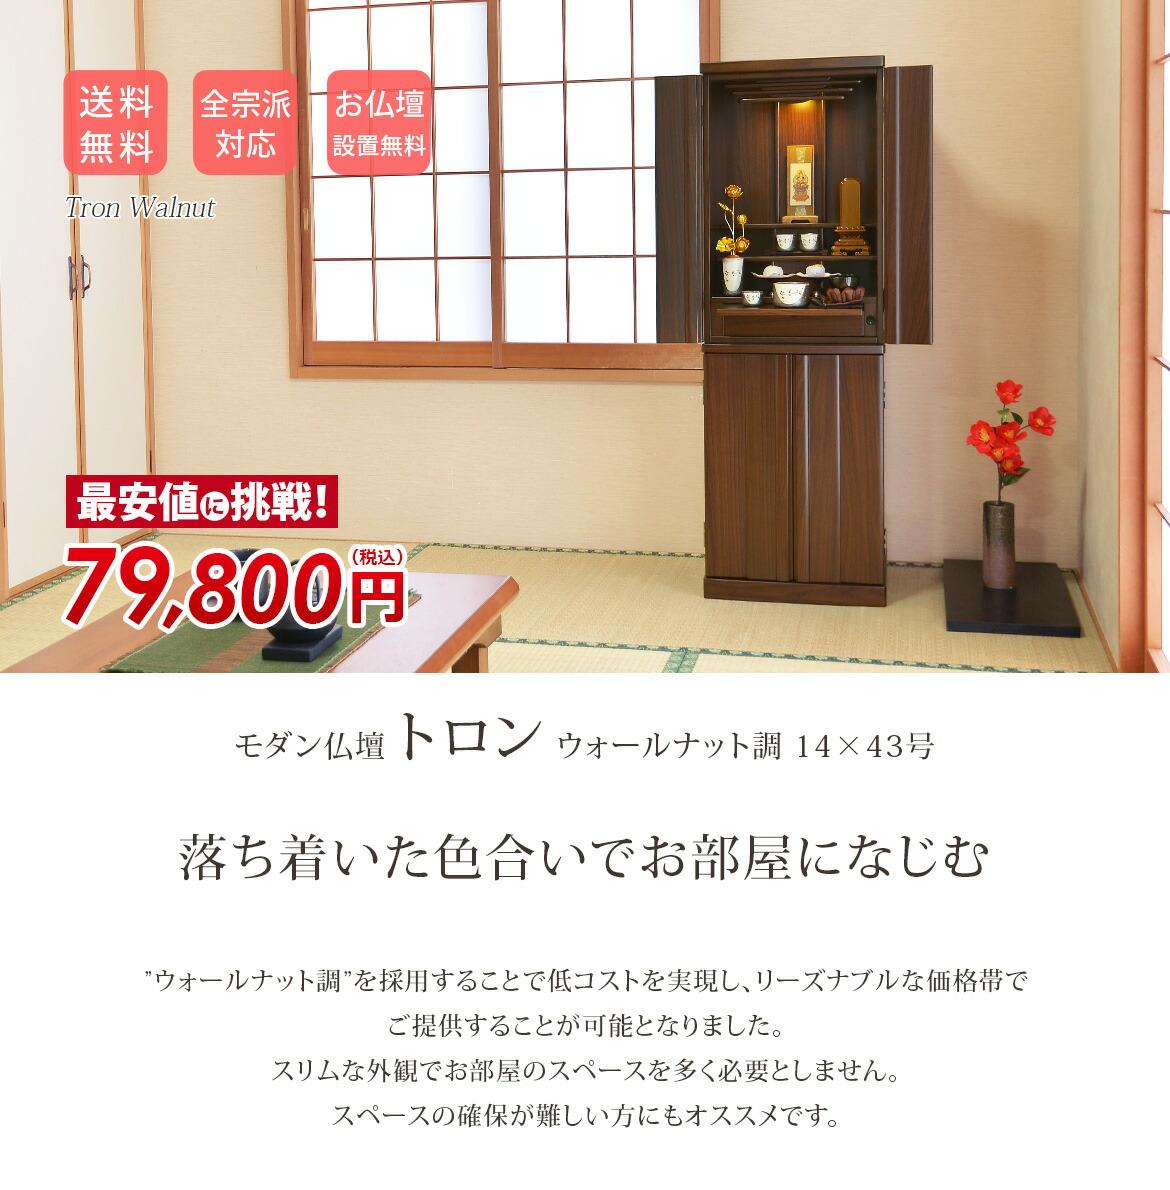 モダン仏壇トロン ウォールナット調 14×43号